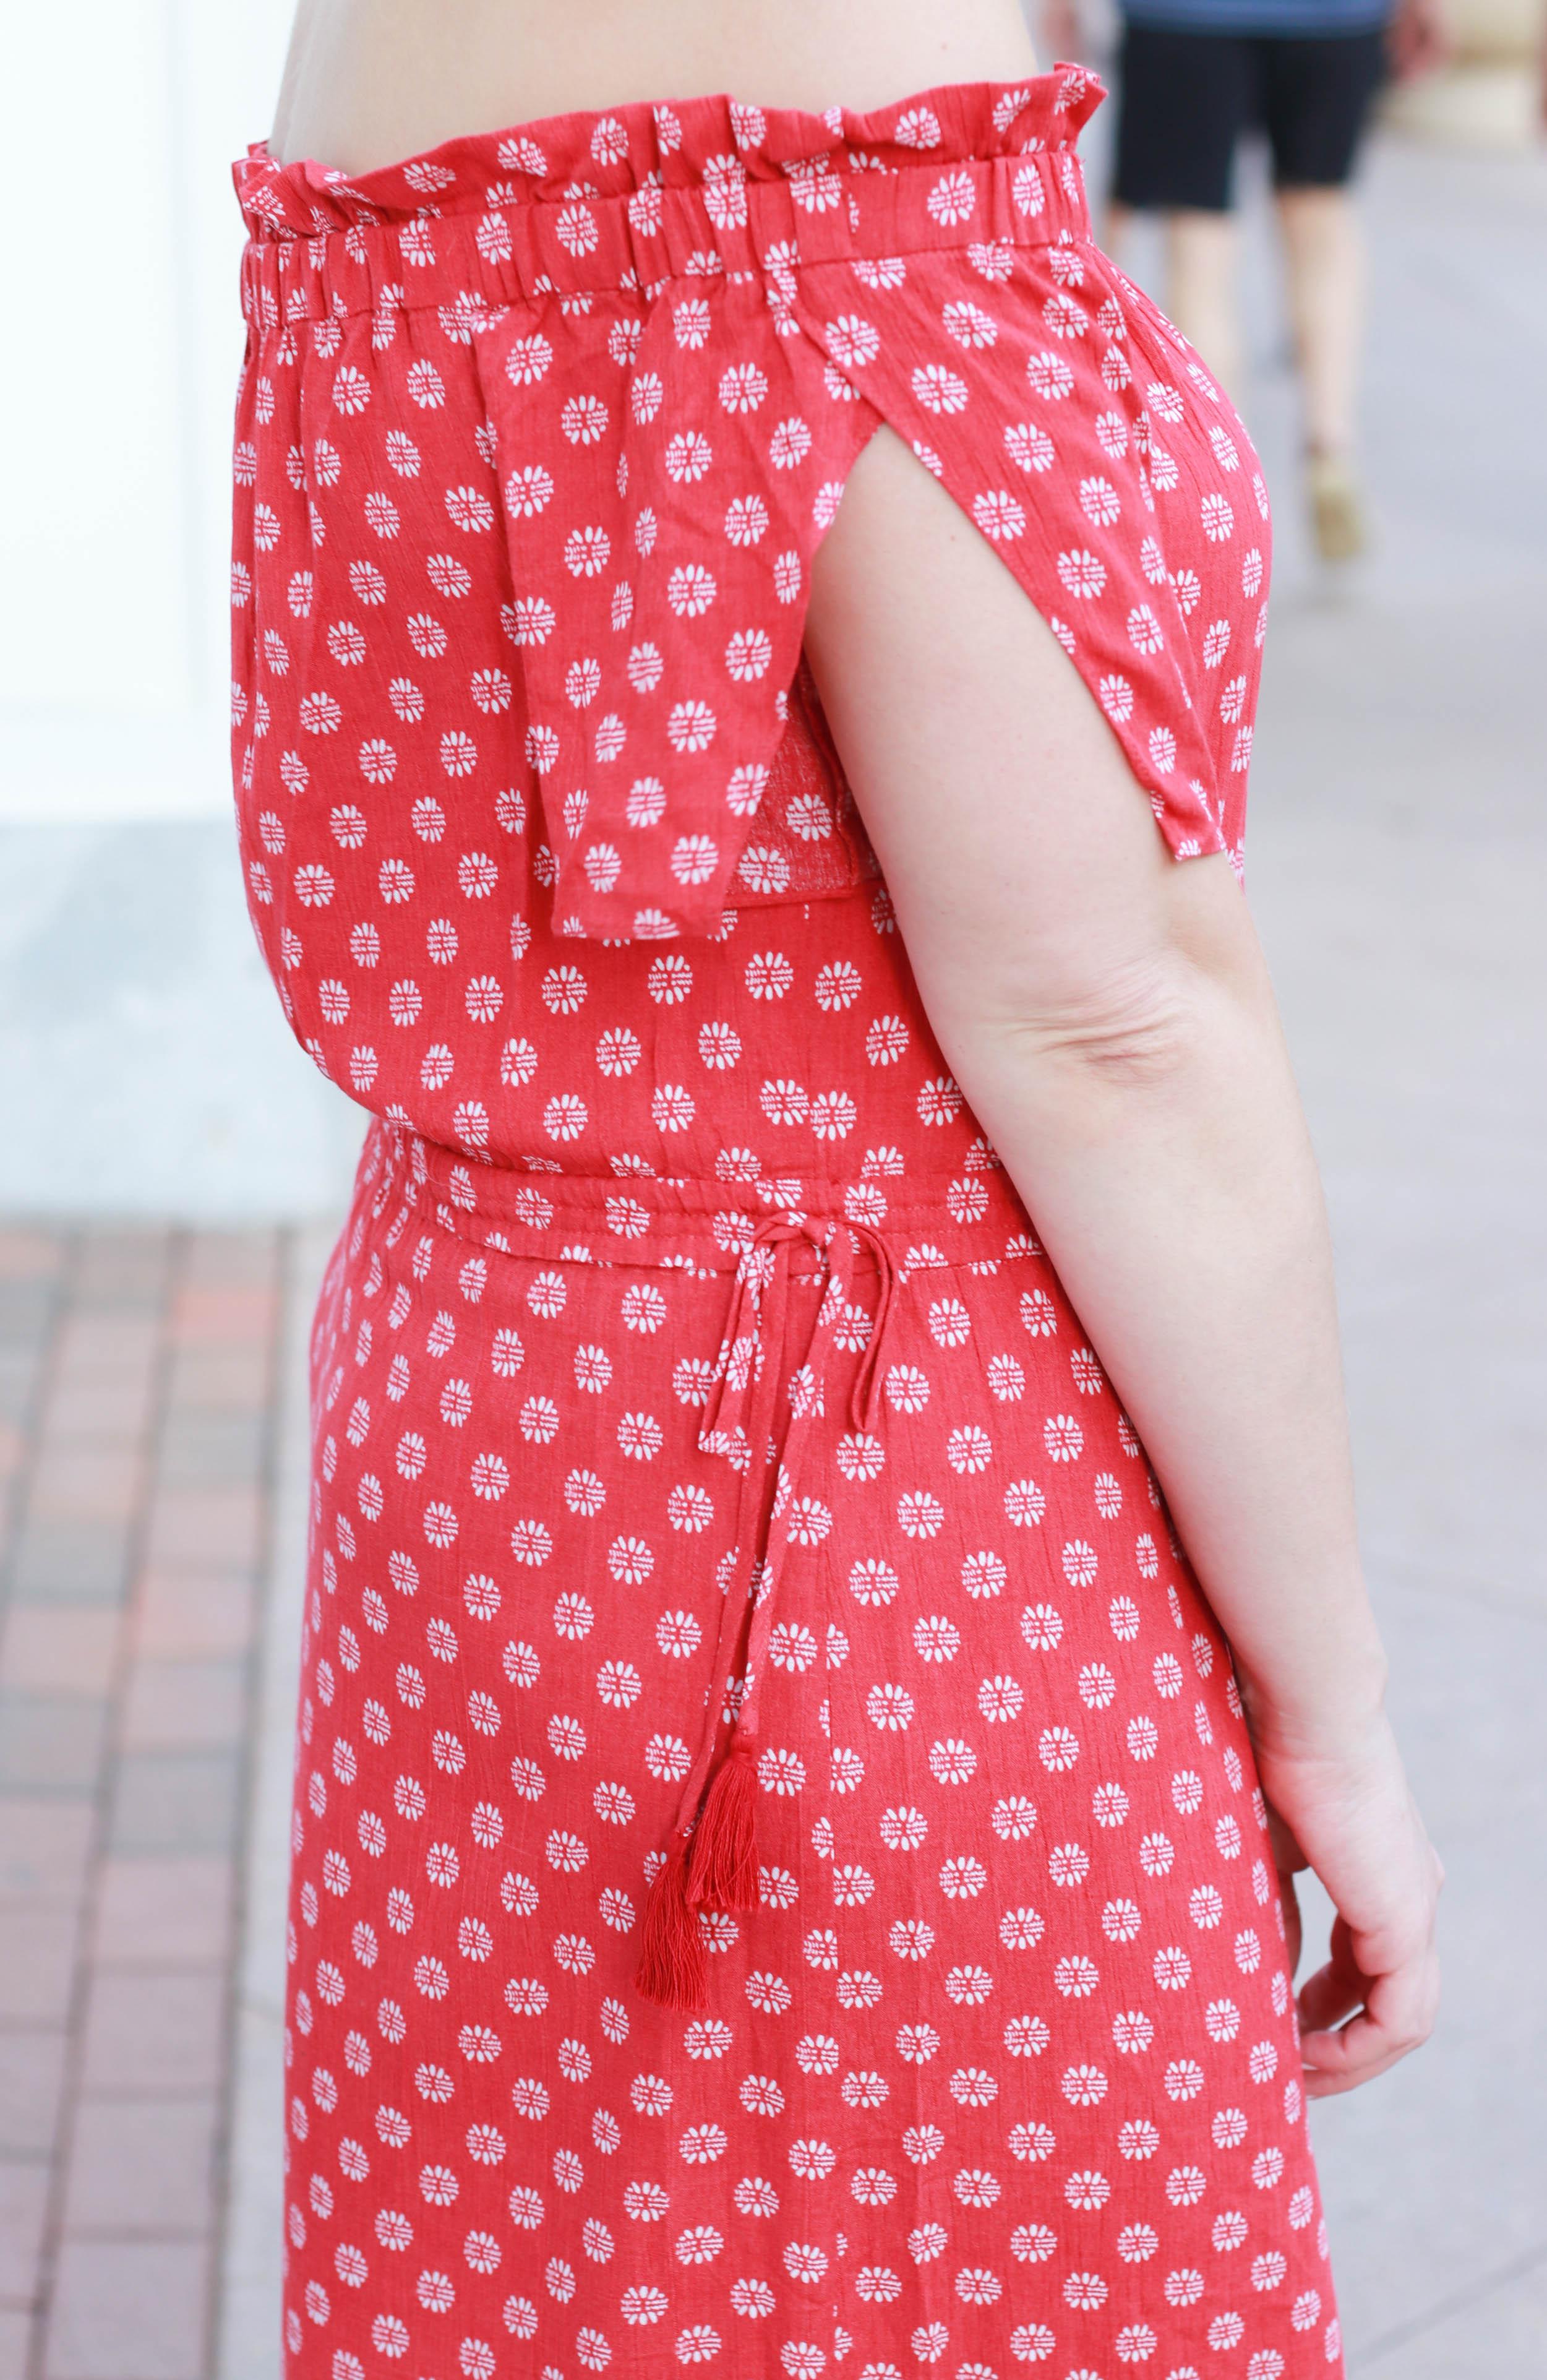 tassel floral maxi dress #tassel #maxidress #outfitdetails